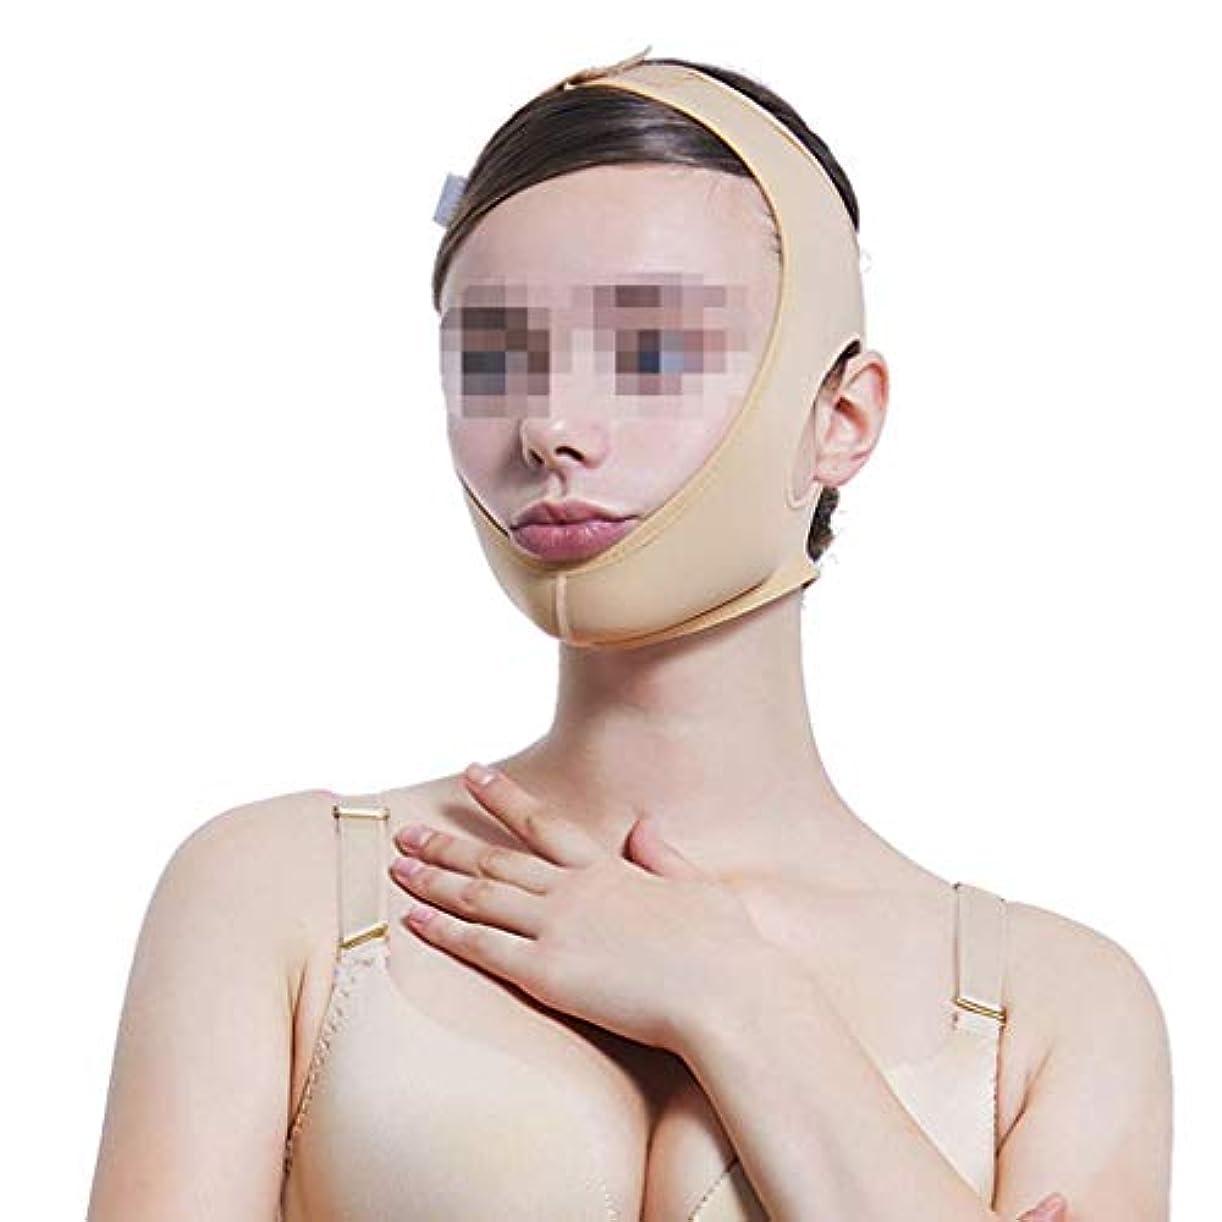 望みテクスチャートレッドビームフェイス弾性ヘッドギア、ダブルあごのあごのセットをマスクの後に線彫り薄いフェイス包帯マルチサイズオプション(サイズ:XS),S